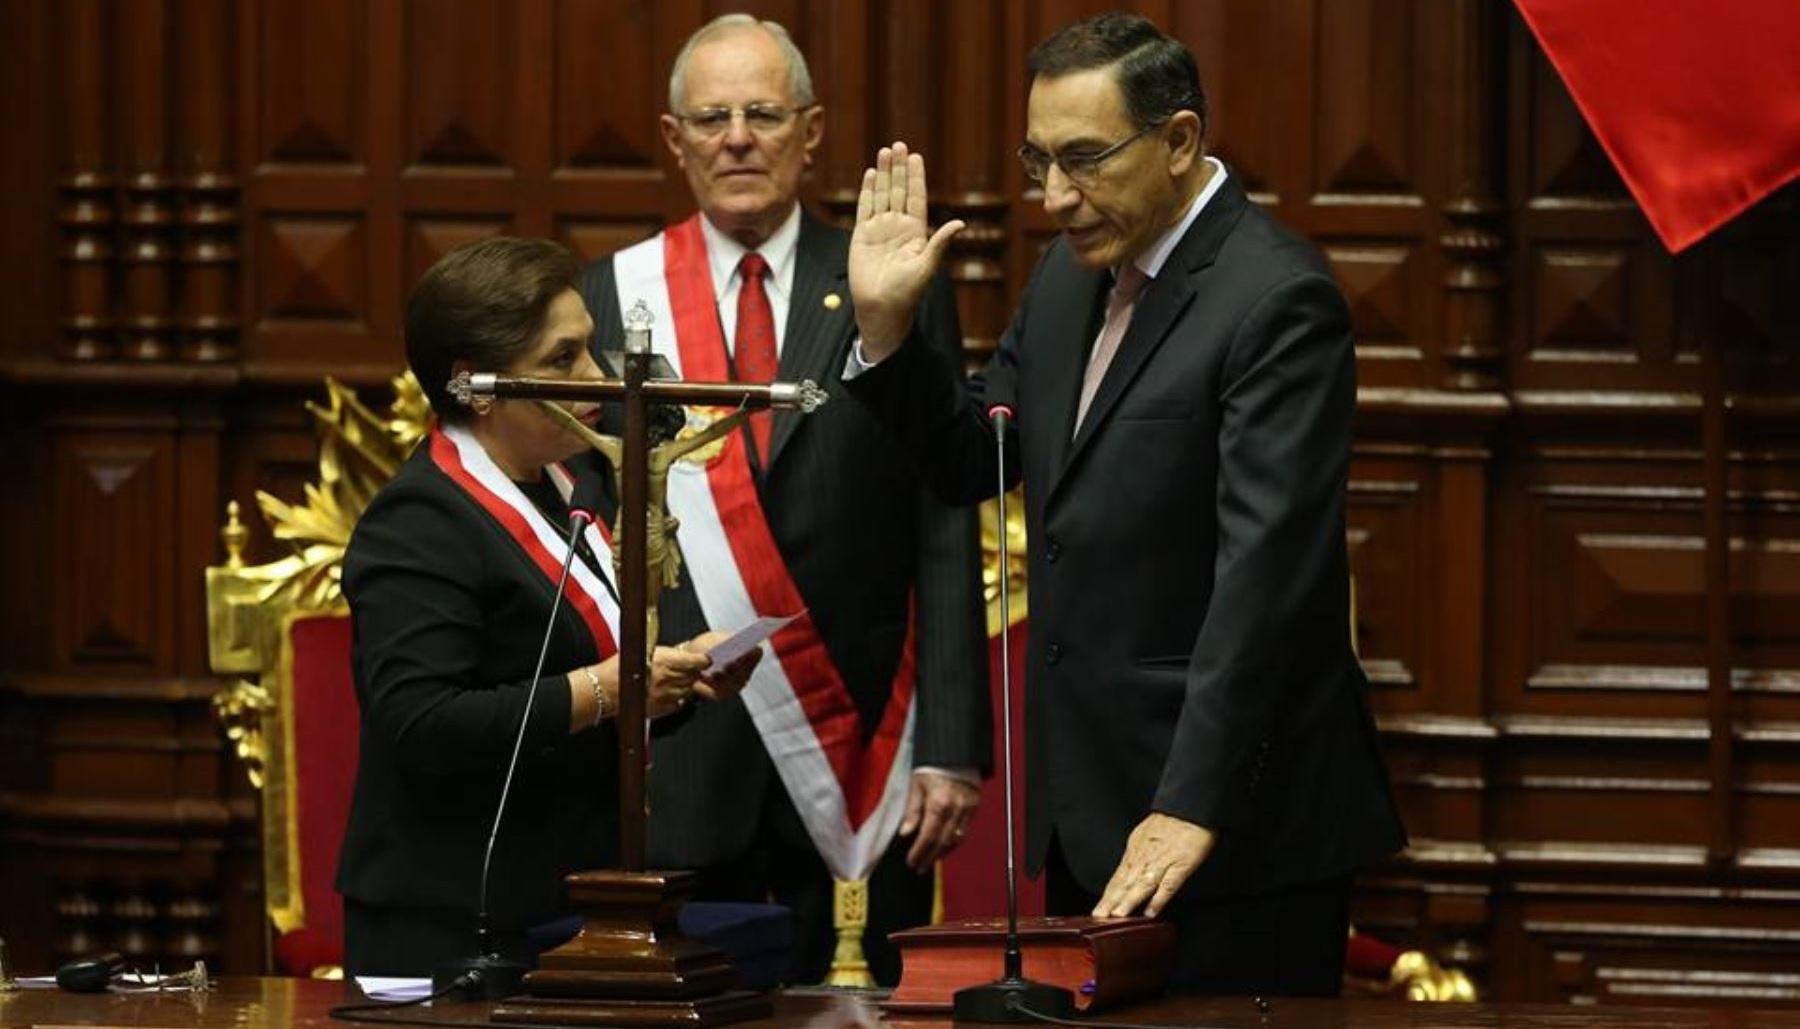 273338-gobierno-de-vizcarra-estabilidad-politica-y-economica-dependera-de-equilibrio-con-la-oposicion